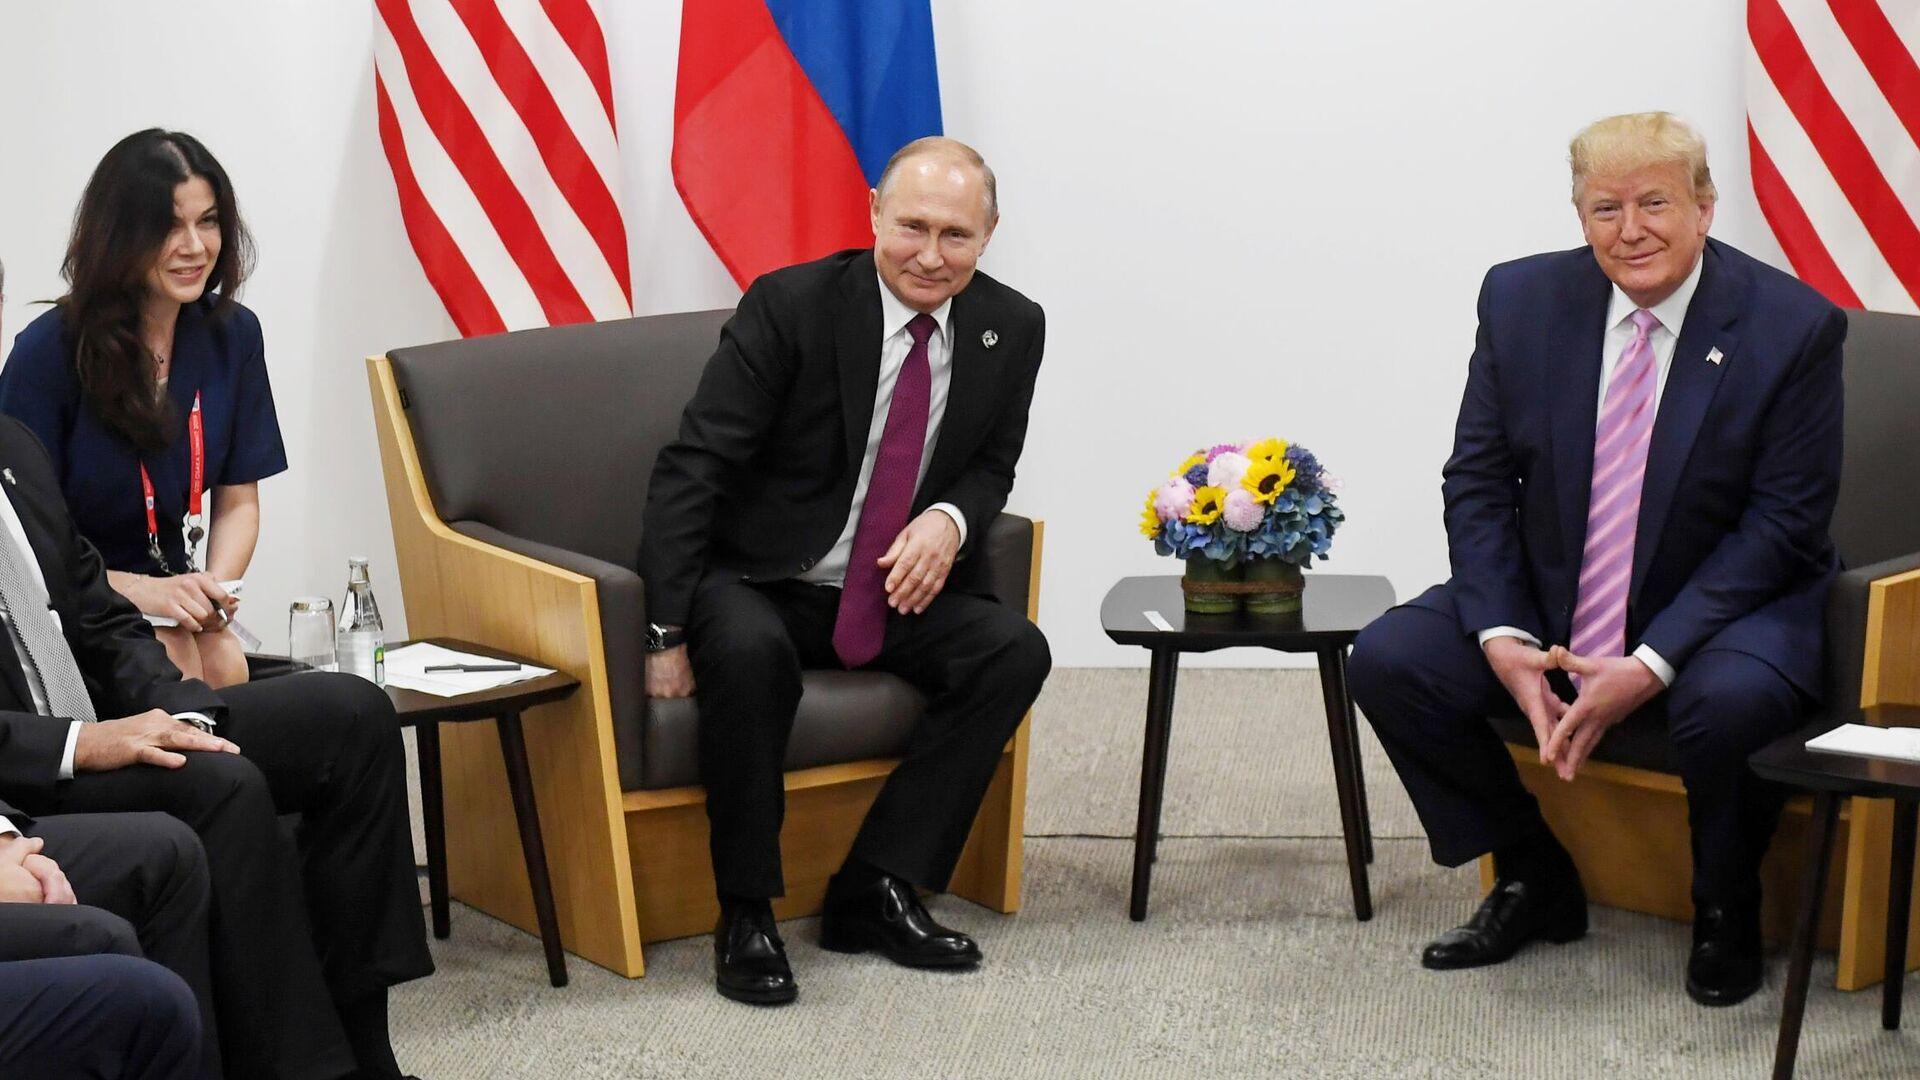 Президент РФ Владимир Путин и президент США Дональд Трамп во время встречи на полях саммита Группы двадцати в Осаке - РИА Новости, 1920, 29.09.2021